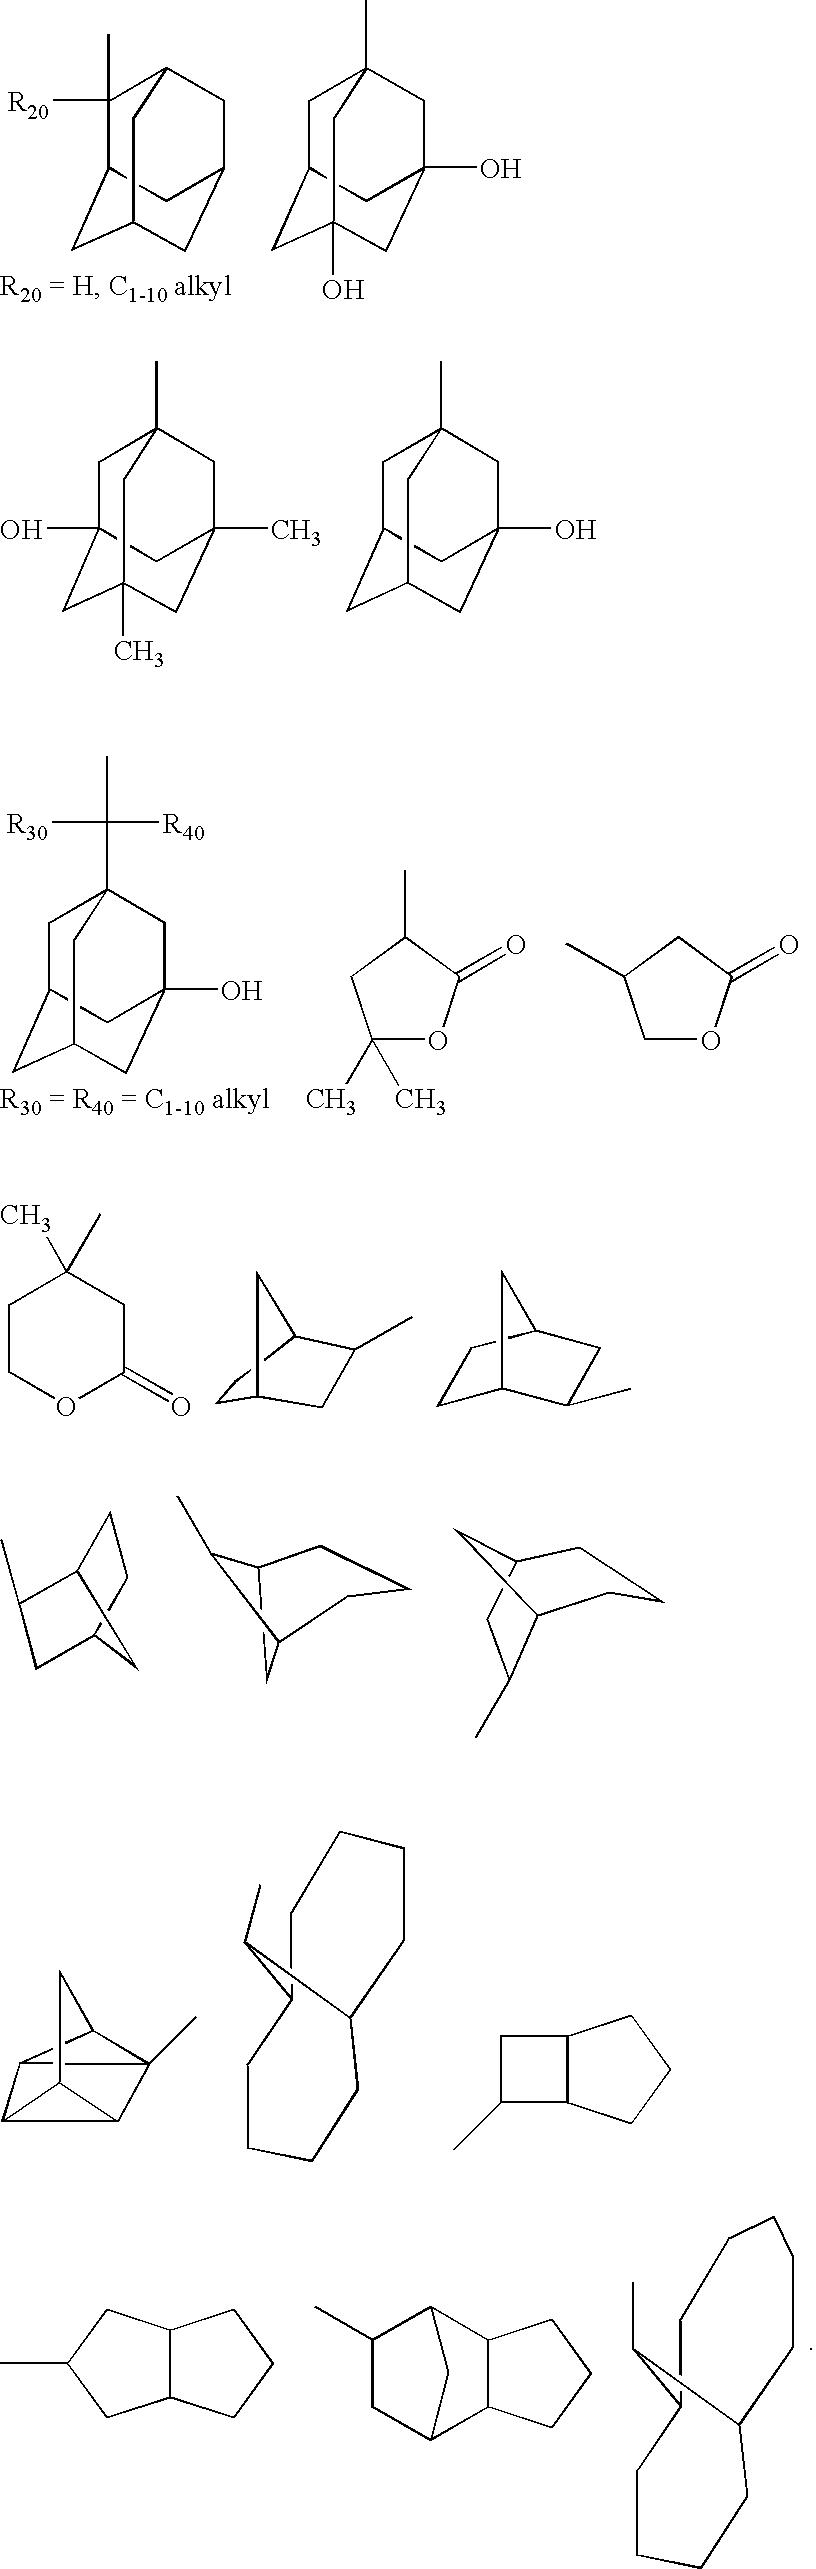 Figure US07521170-20090421-C00020